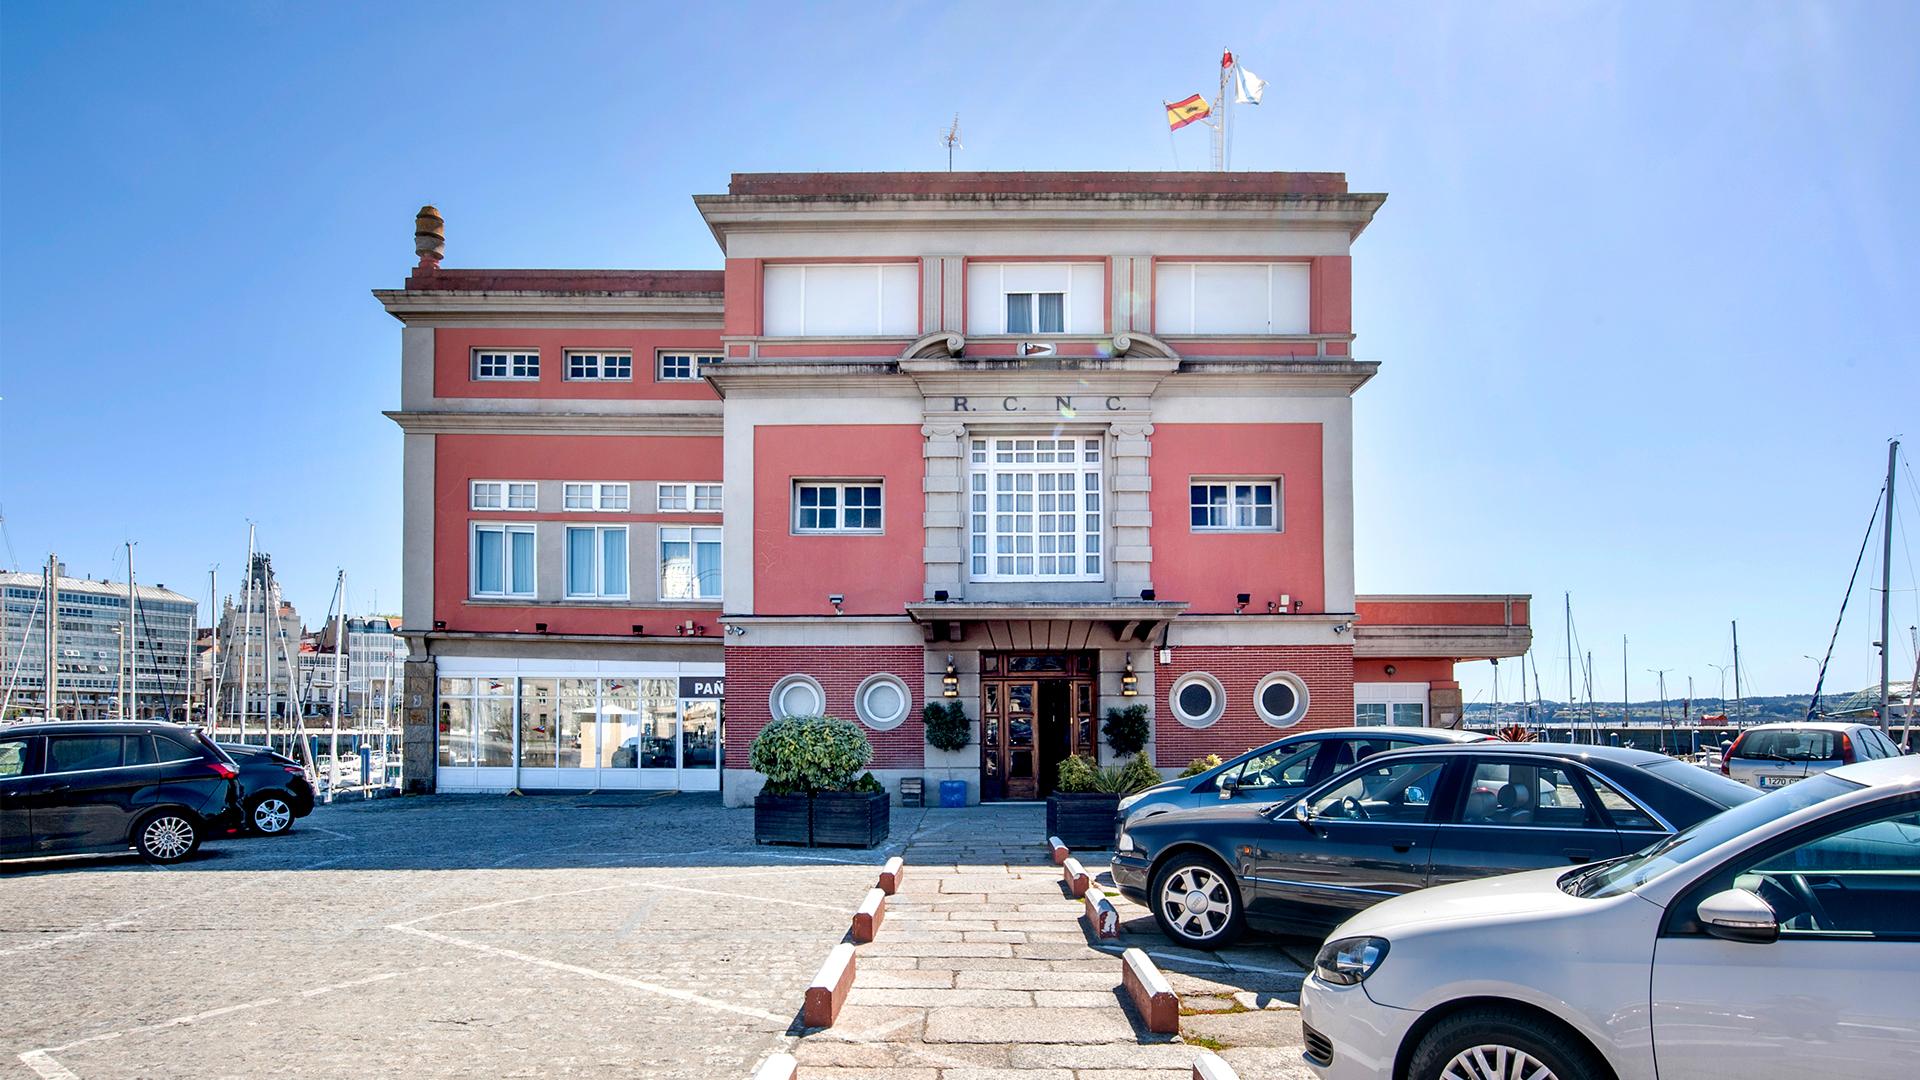 Instalaciones Térmicas Real Club Naútico (Edificio Social)